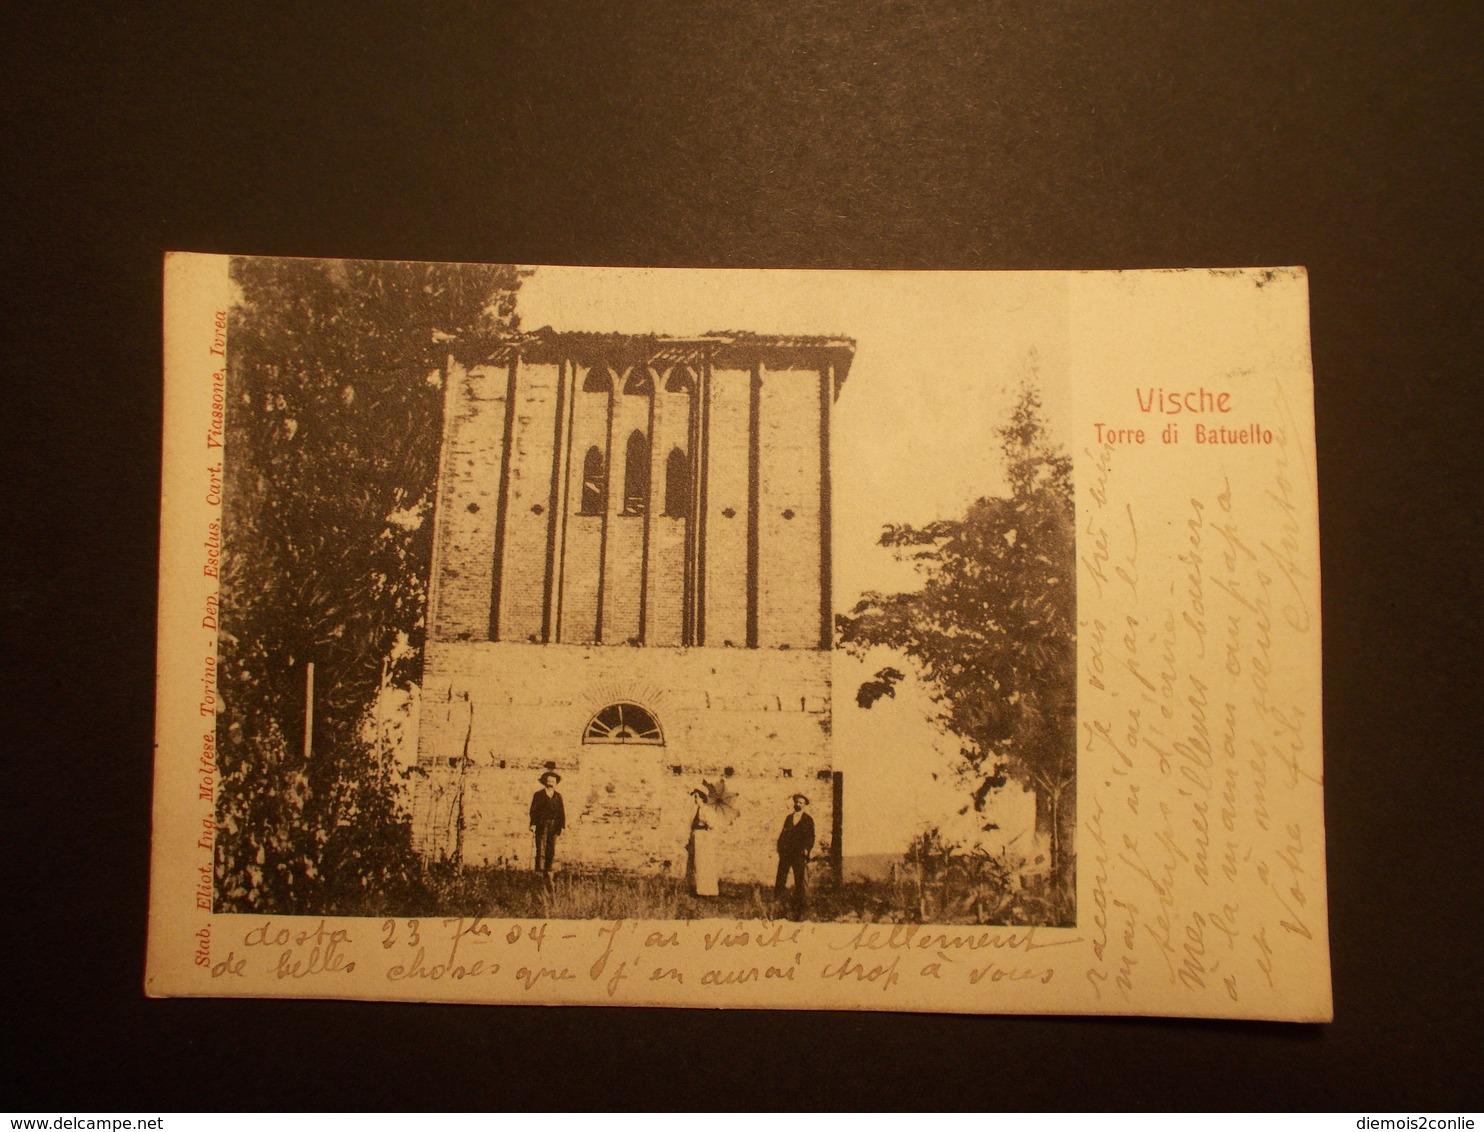 Carte Postale -  ITALIE -VISCHE - Torre Di Batuello (2284) - Autres Villes